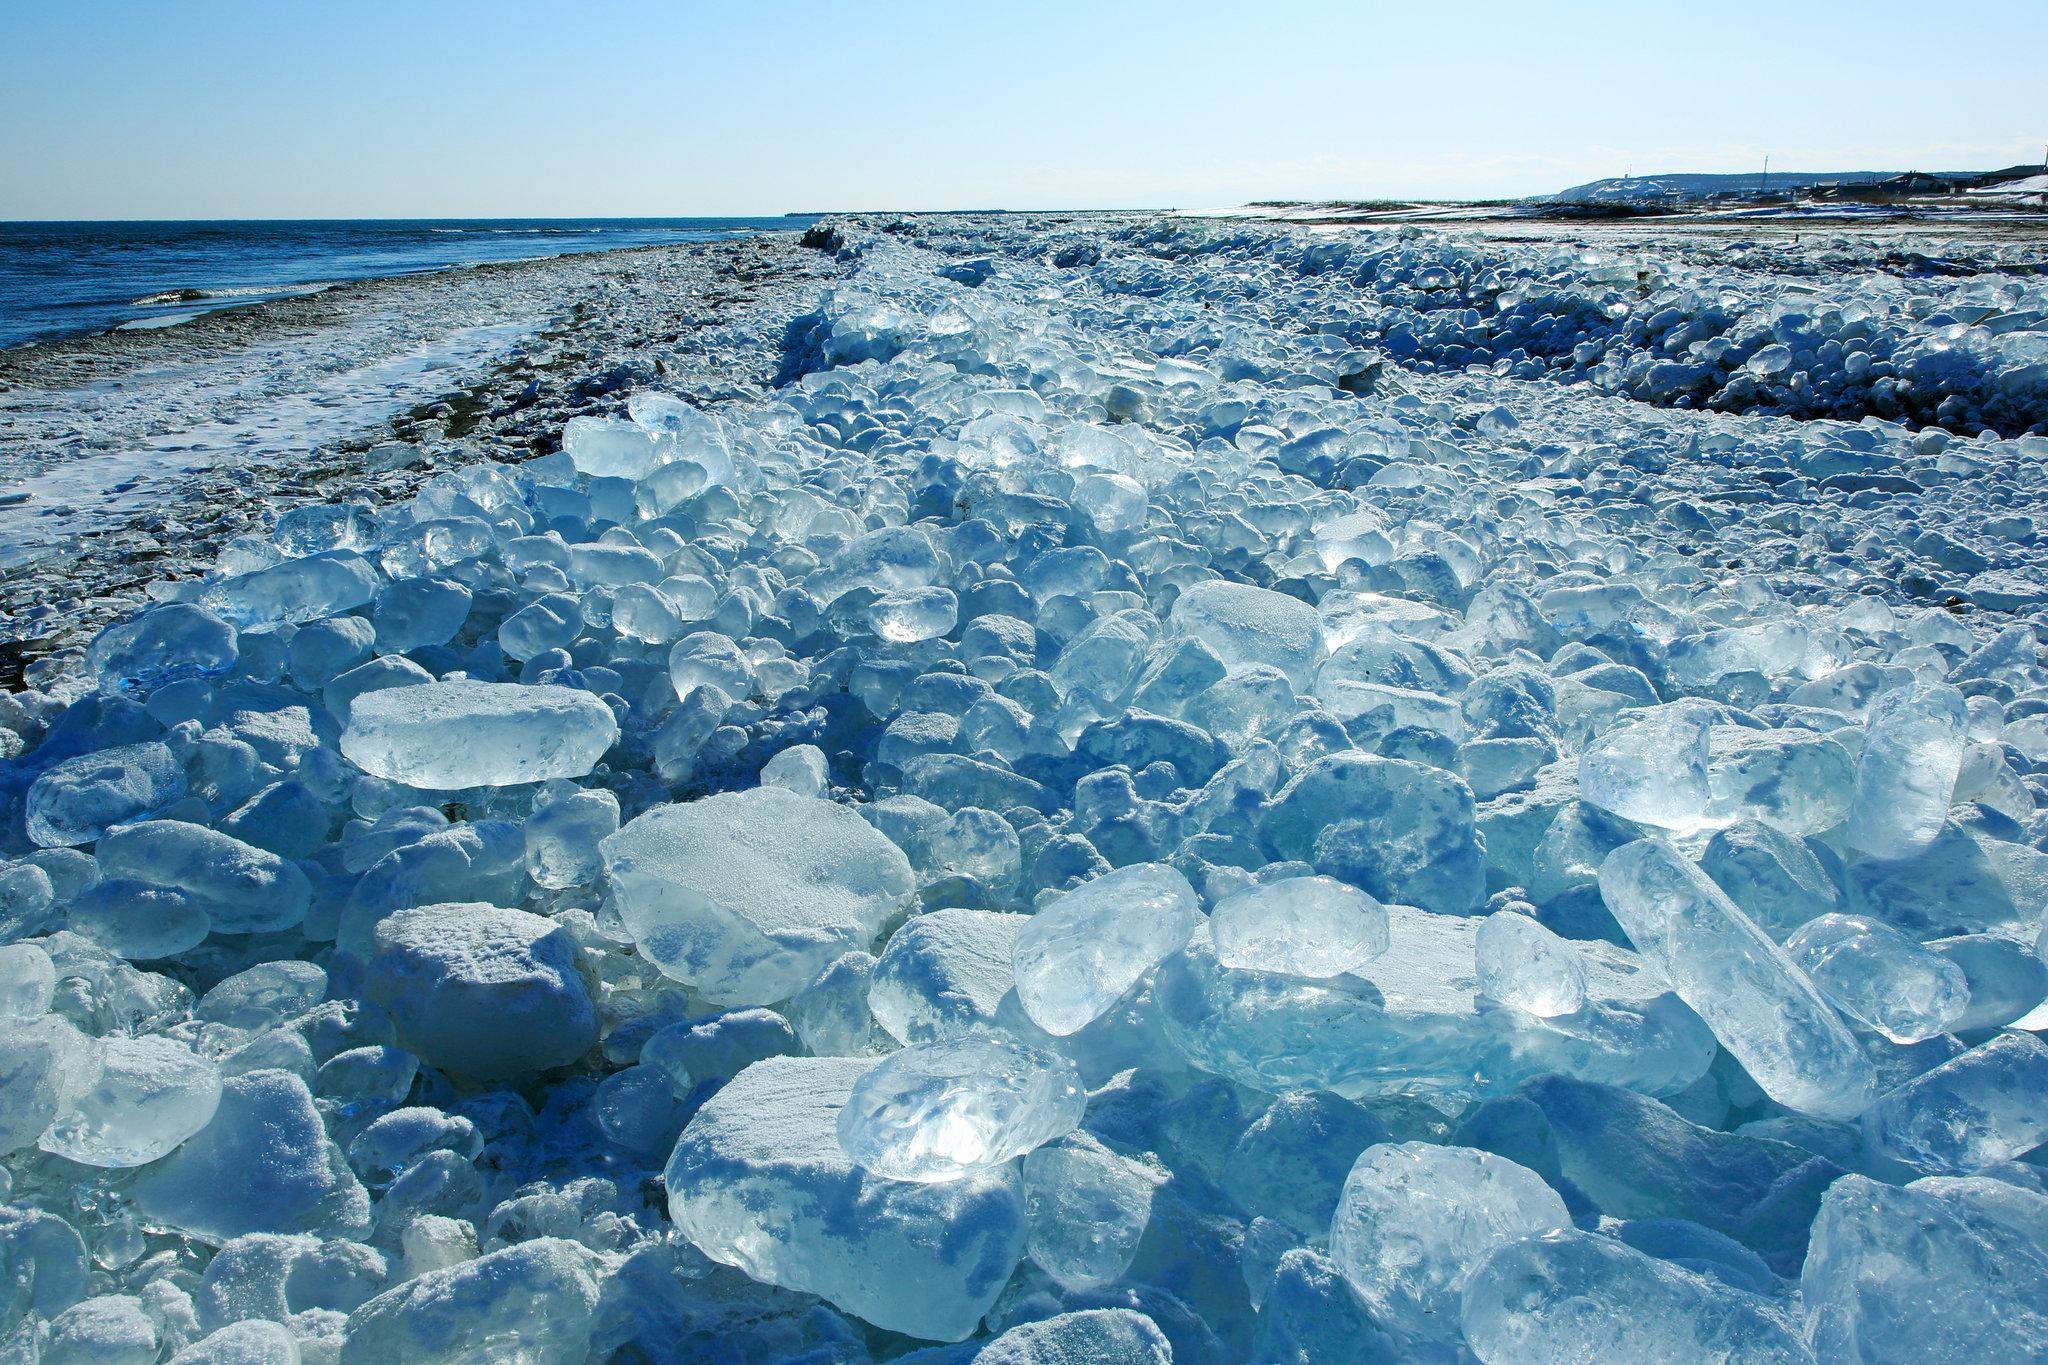 ice jewelery sparkles like diamonds